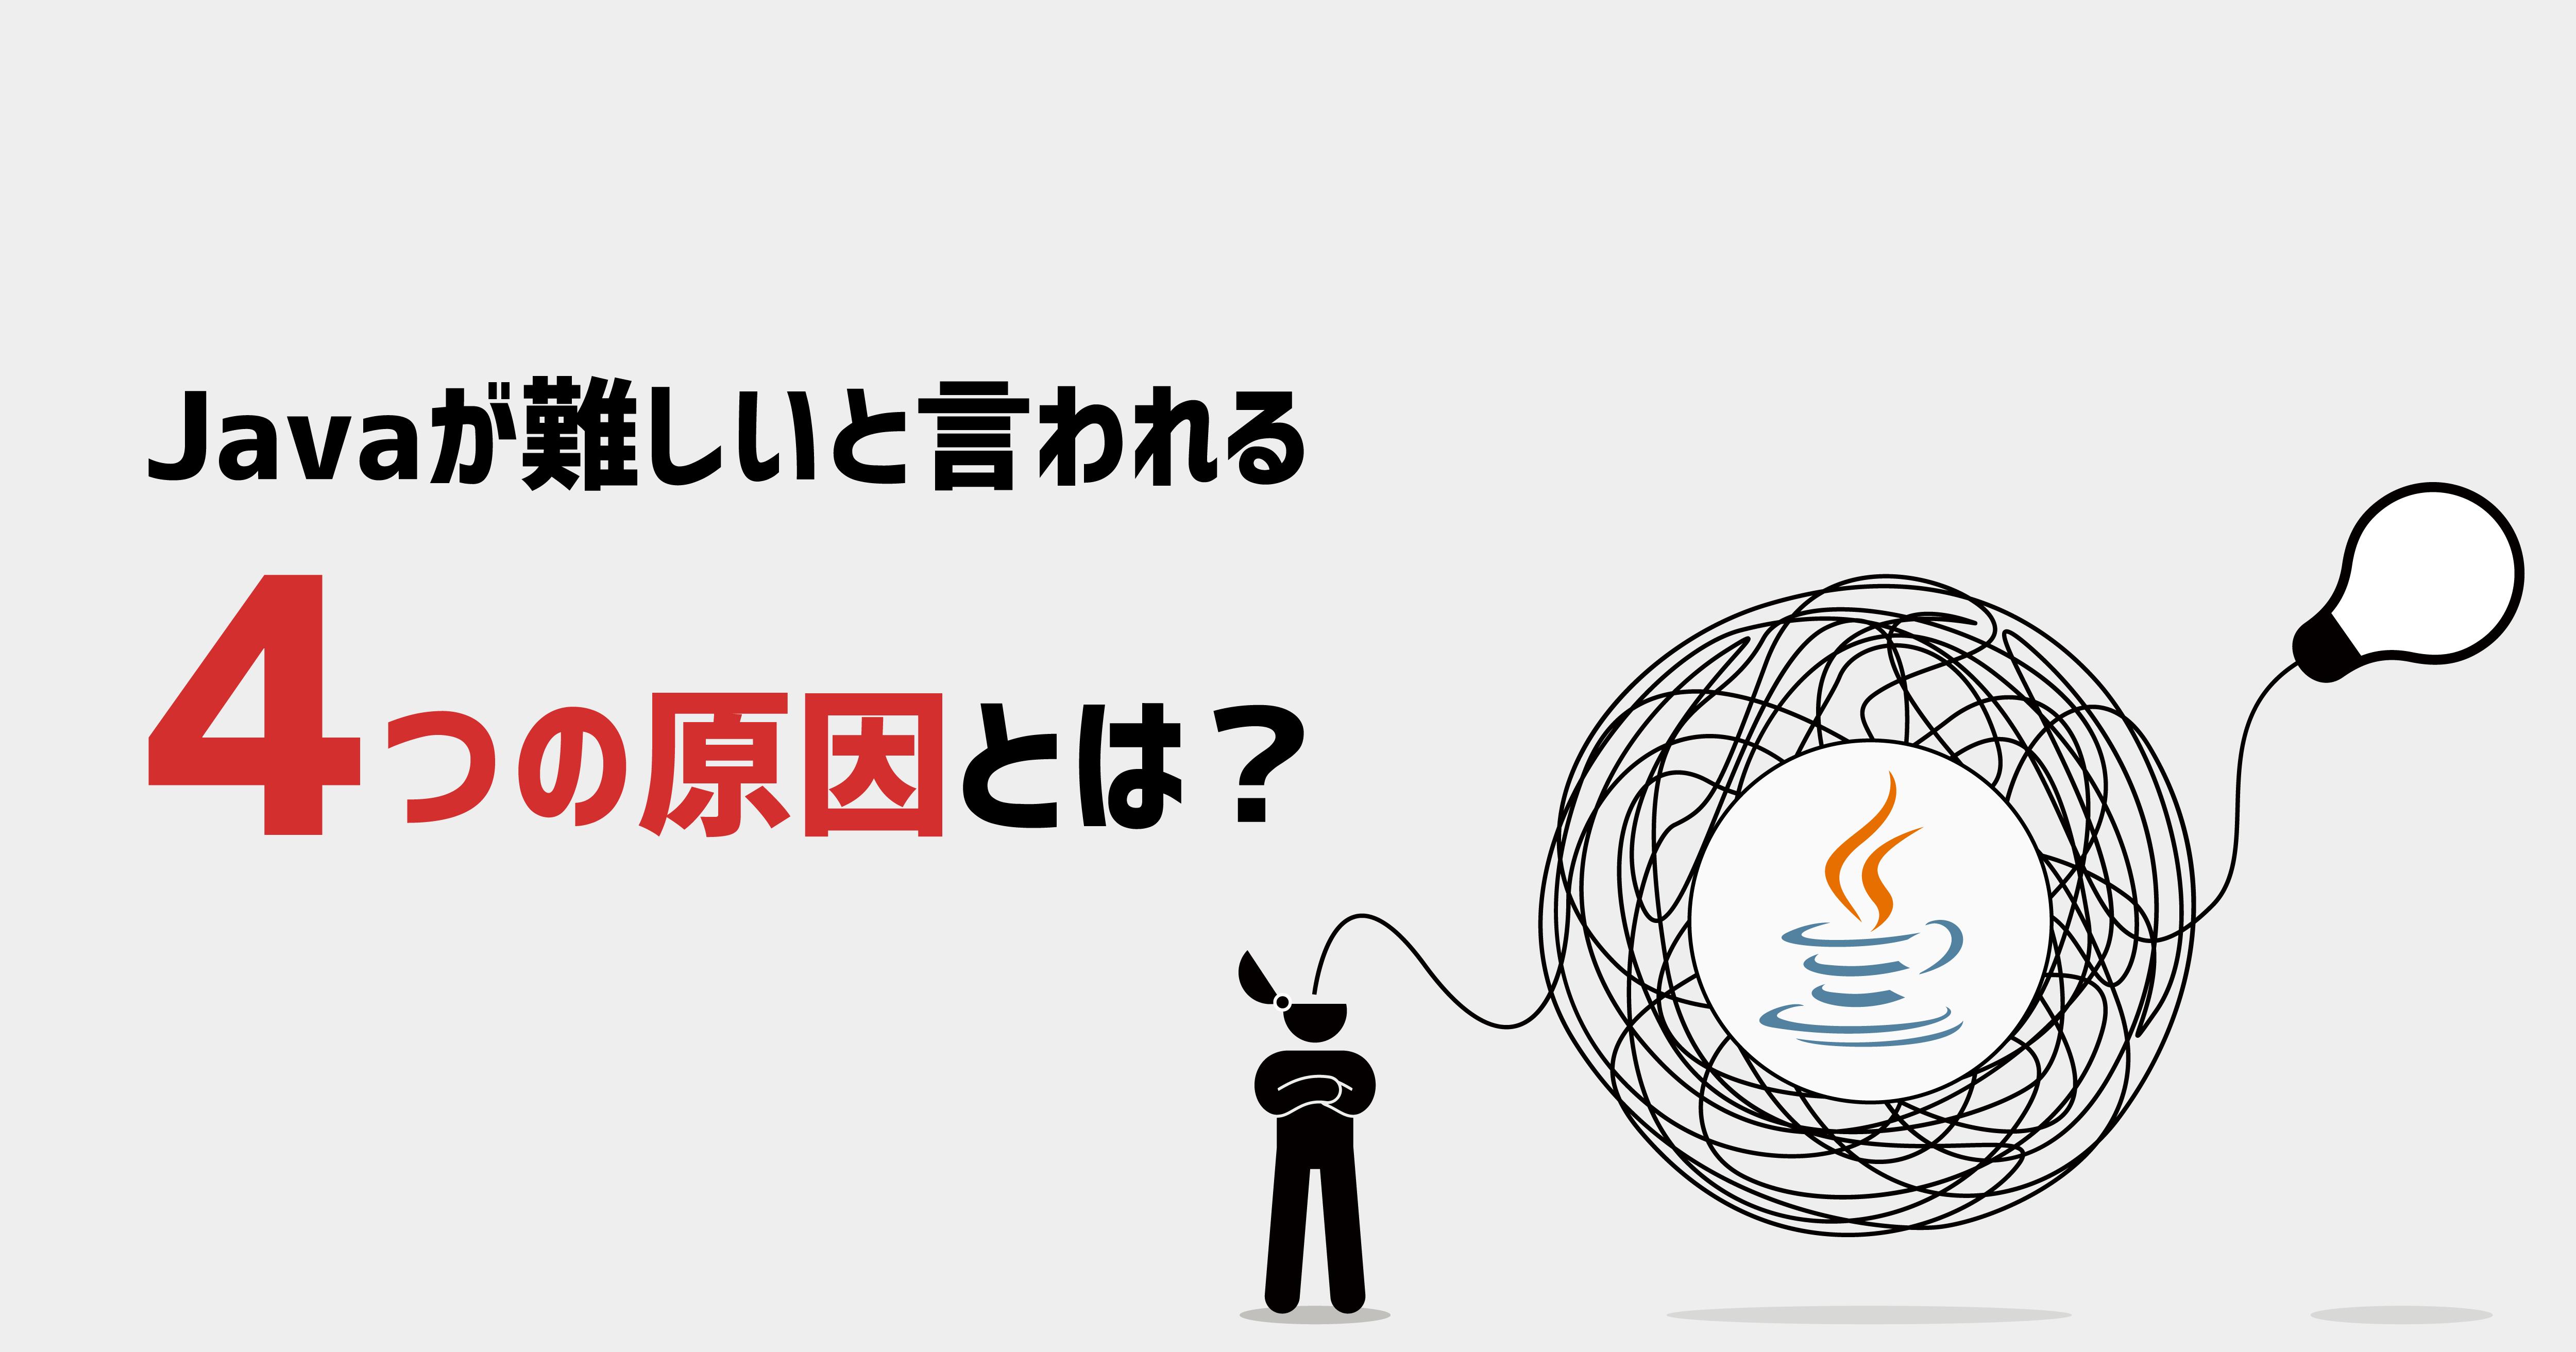 Javaが難しいと言われる4つの原因とは?